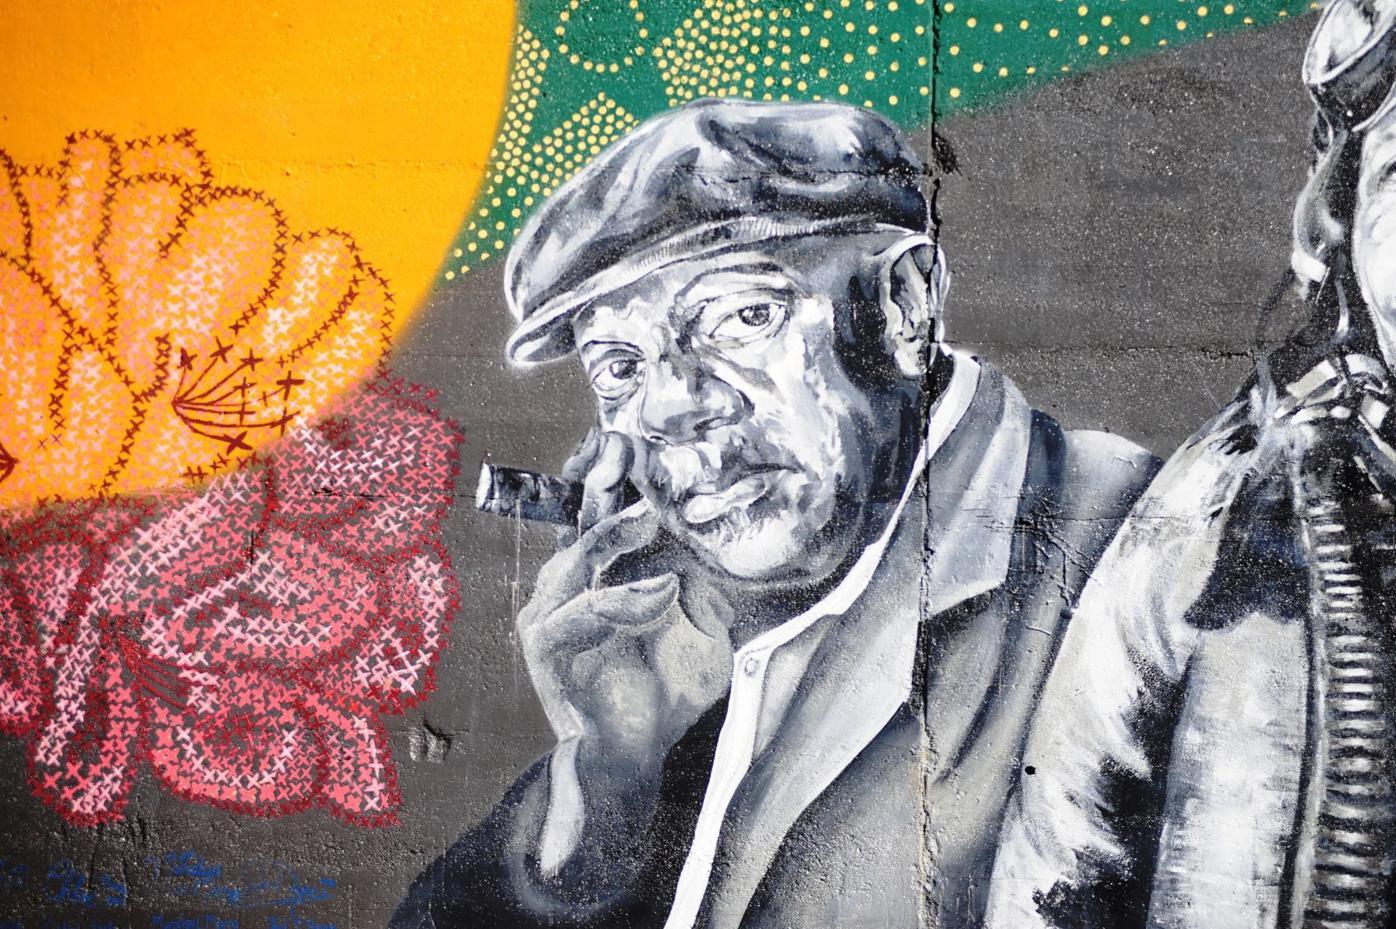 Johnnie Johnson mural at palatine park